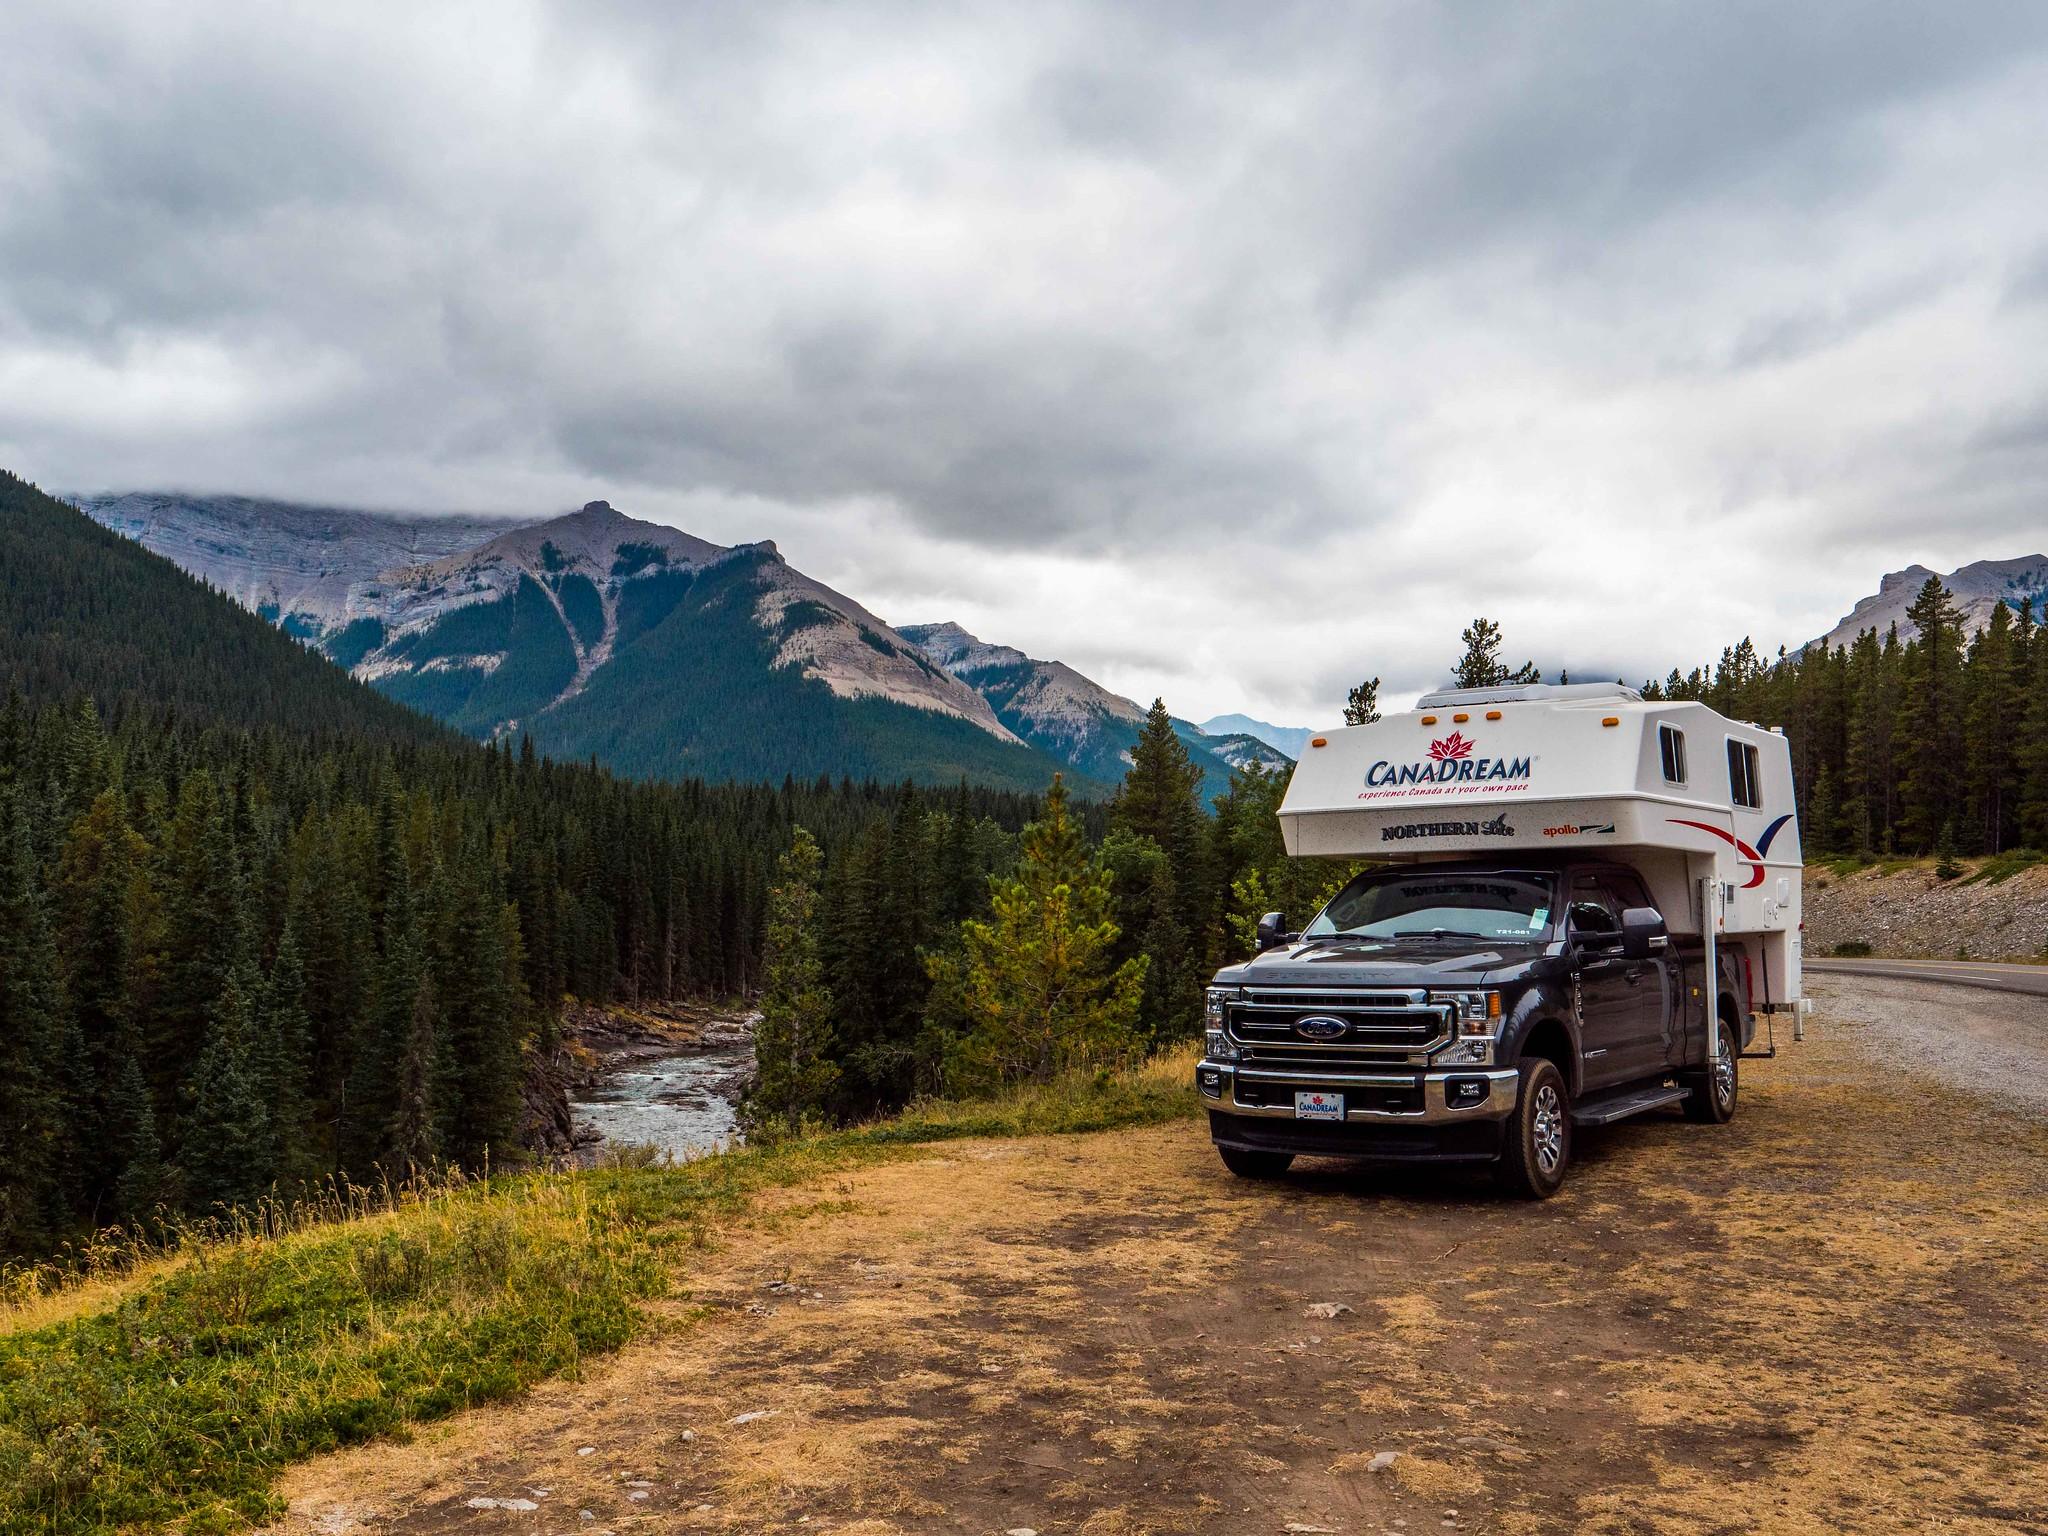 Canadream Truck Camper